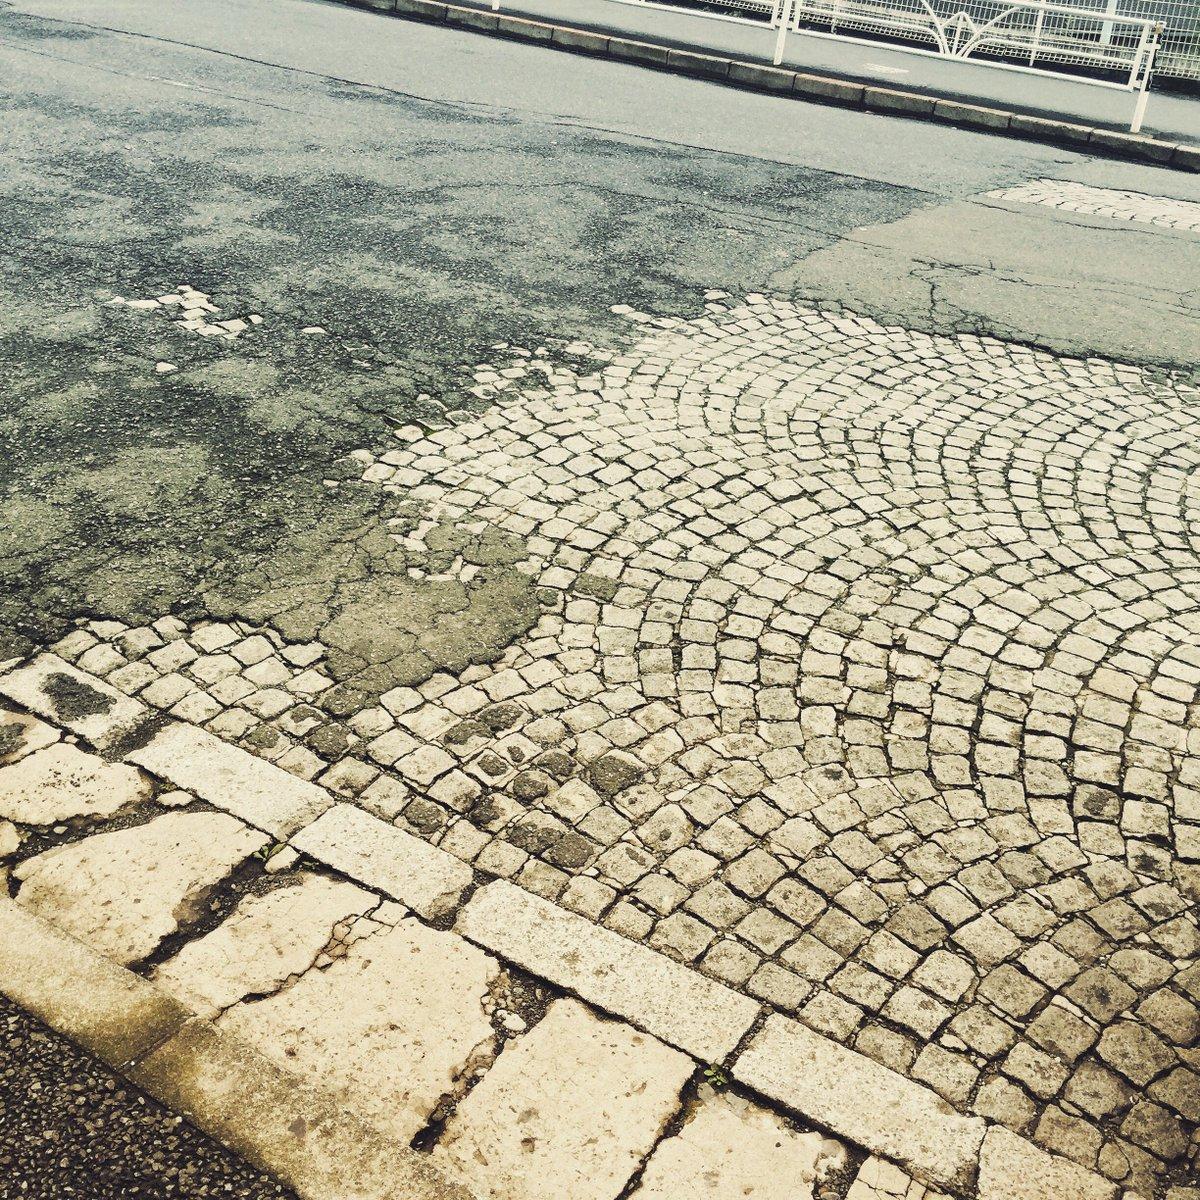 これは東京・恵比寿駅東口の坂で去年撮った写真。アスファルトの下に隠れている石畳の舗装が、あらわしになっている。イタリアやヨーロッパの山岳都市じゃないつい何十年か前の東京の道も、こんな風情だったわけです。 https://t.co/8SszeEWf9E